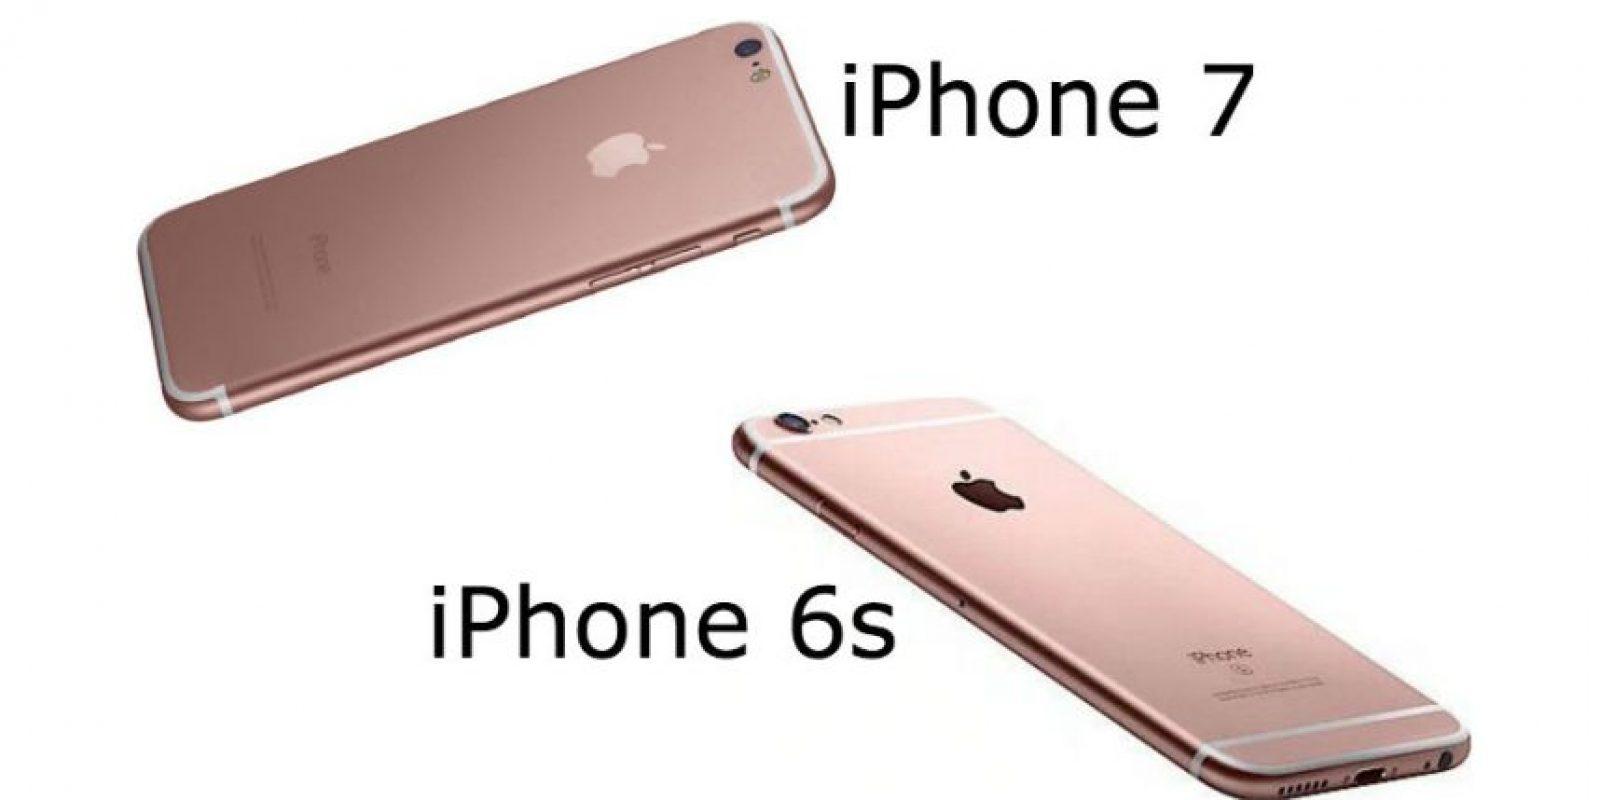 iPhone 7 cambiaría su diseño posterior. Foto:Vía MacRumors